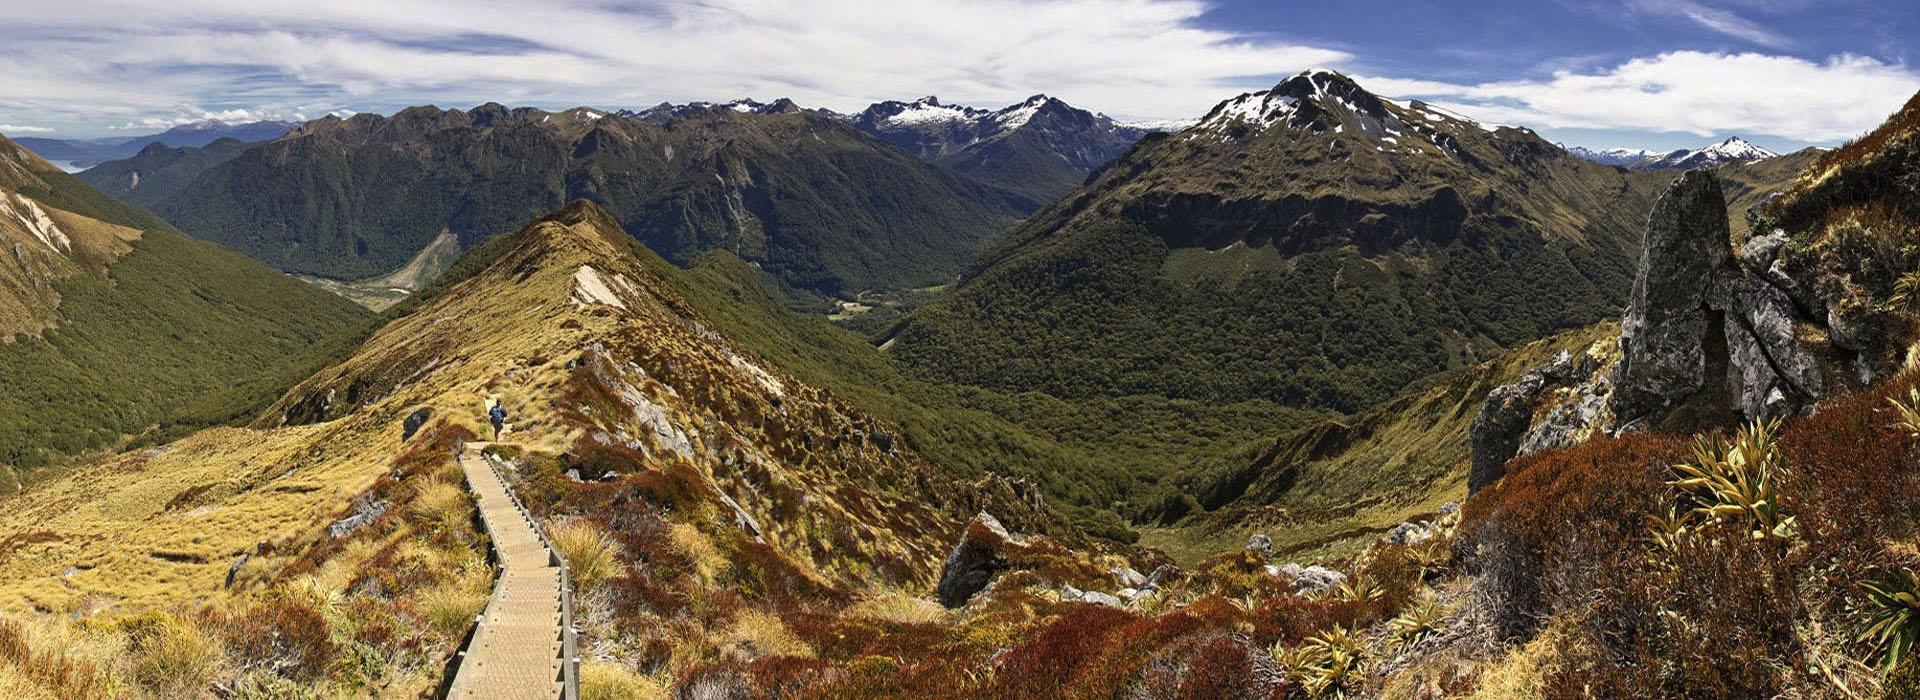 Randonnées parc national Fiordland - Kepler Track